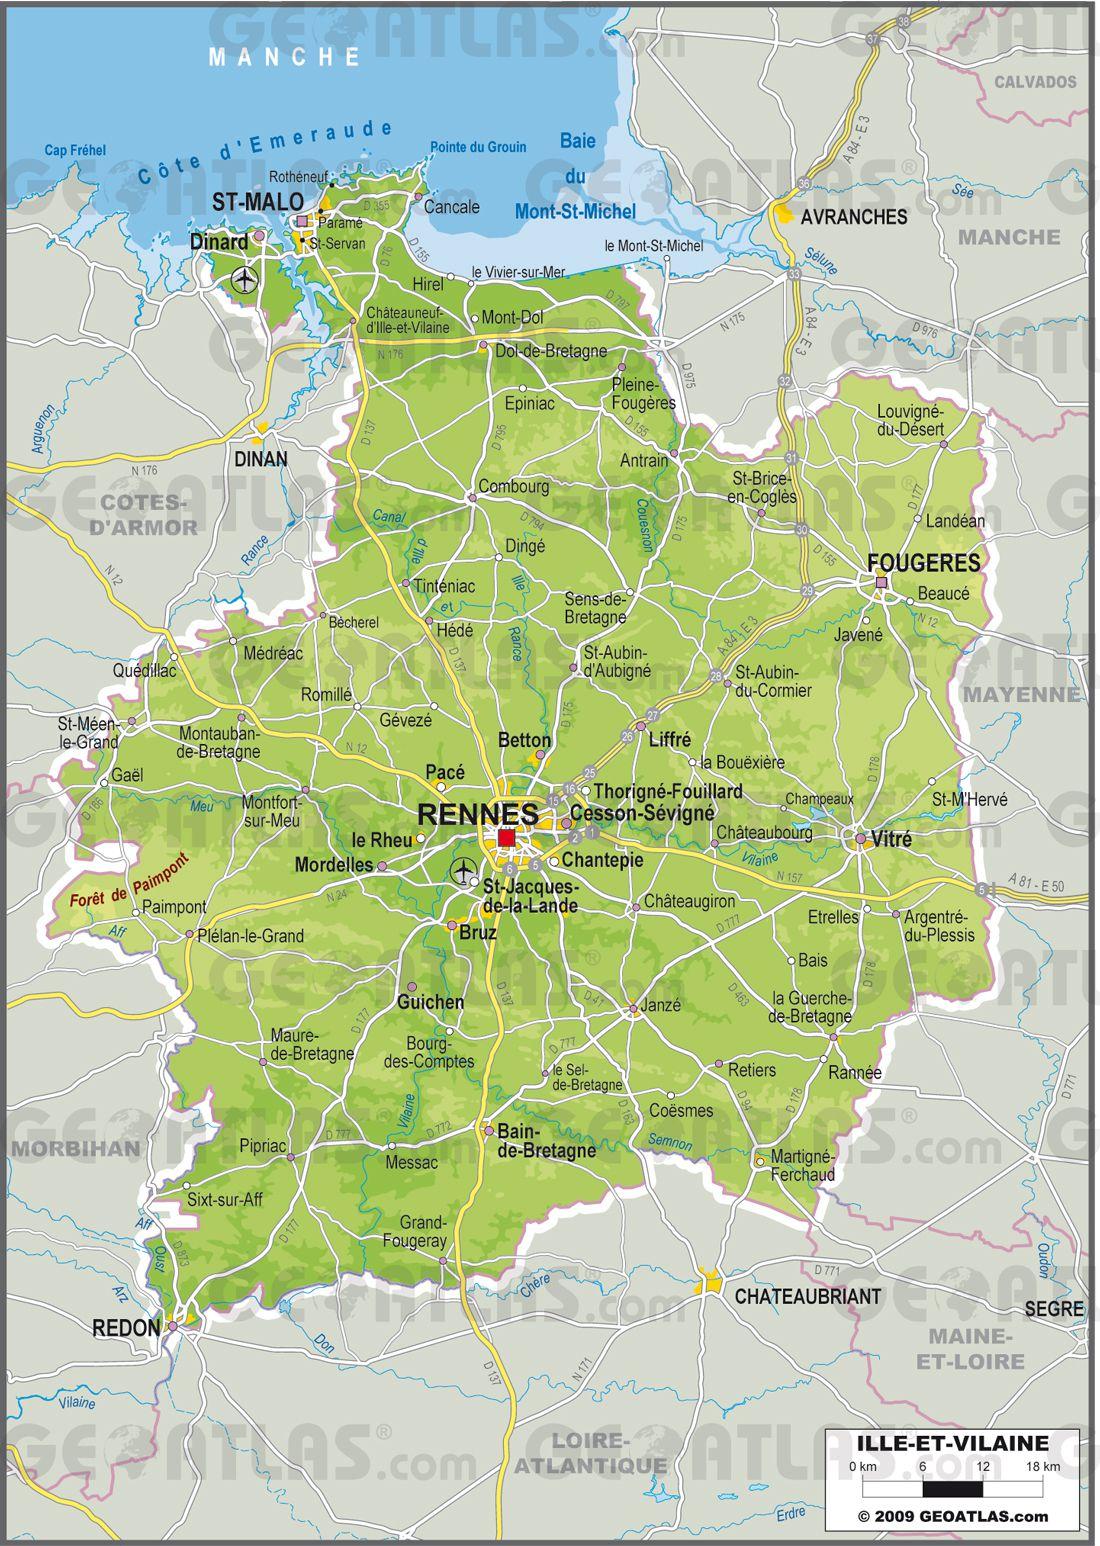 Carte de l'Ille-et-Vilaine - Politique